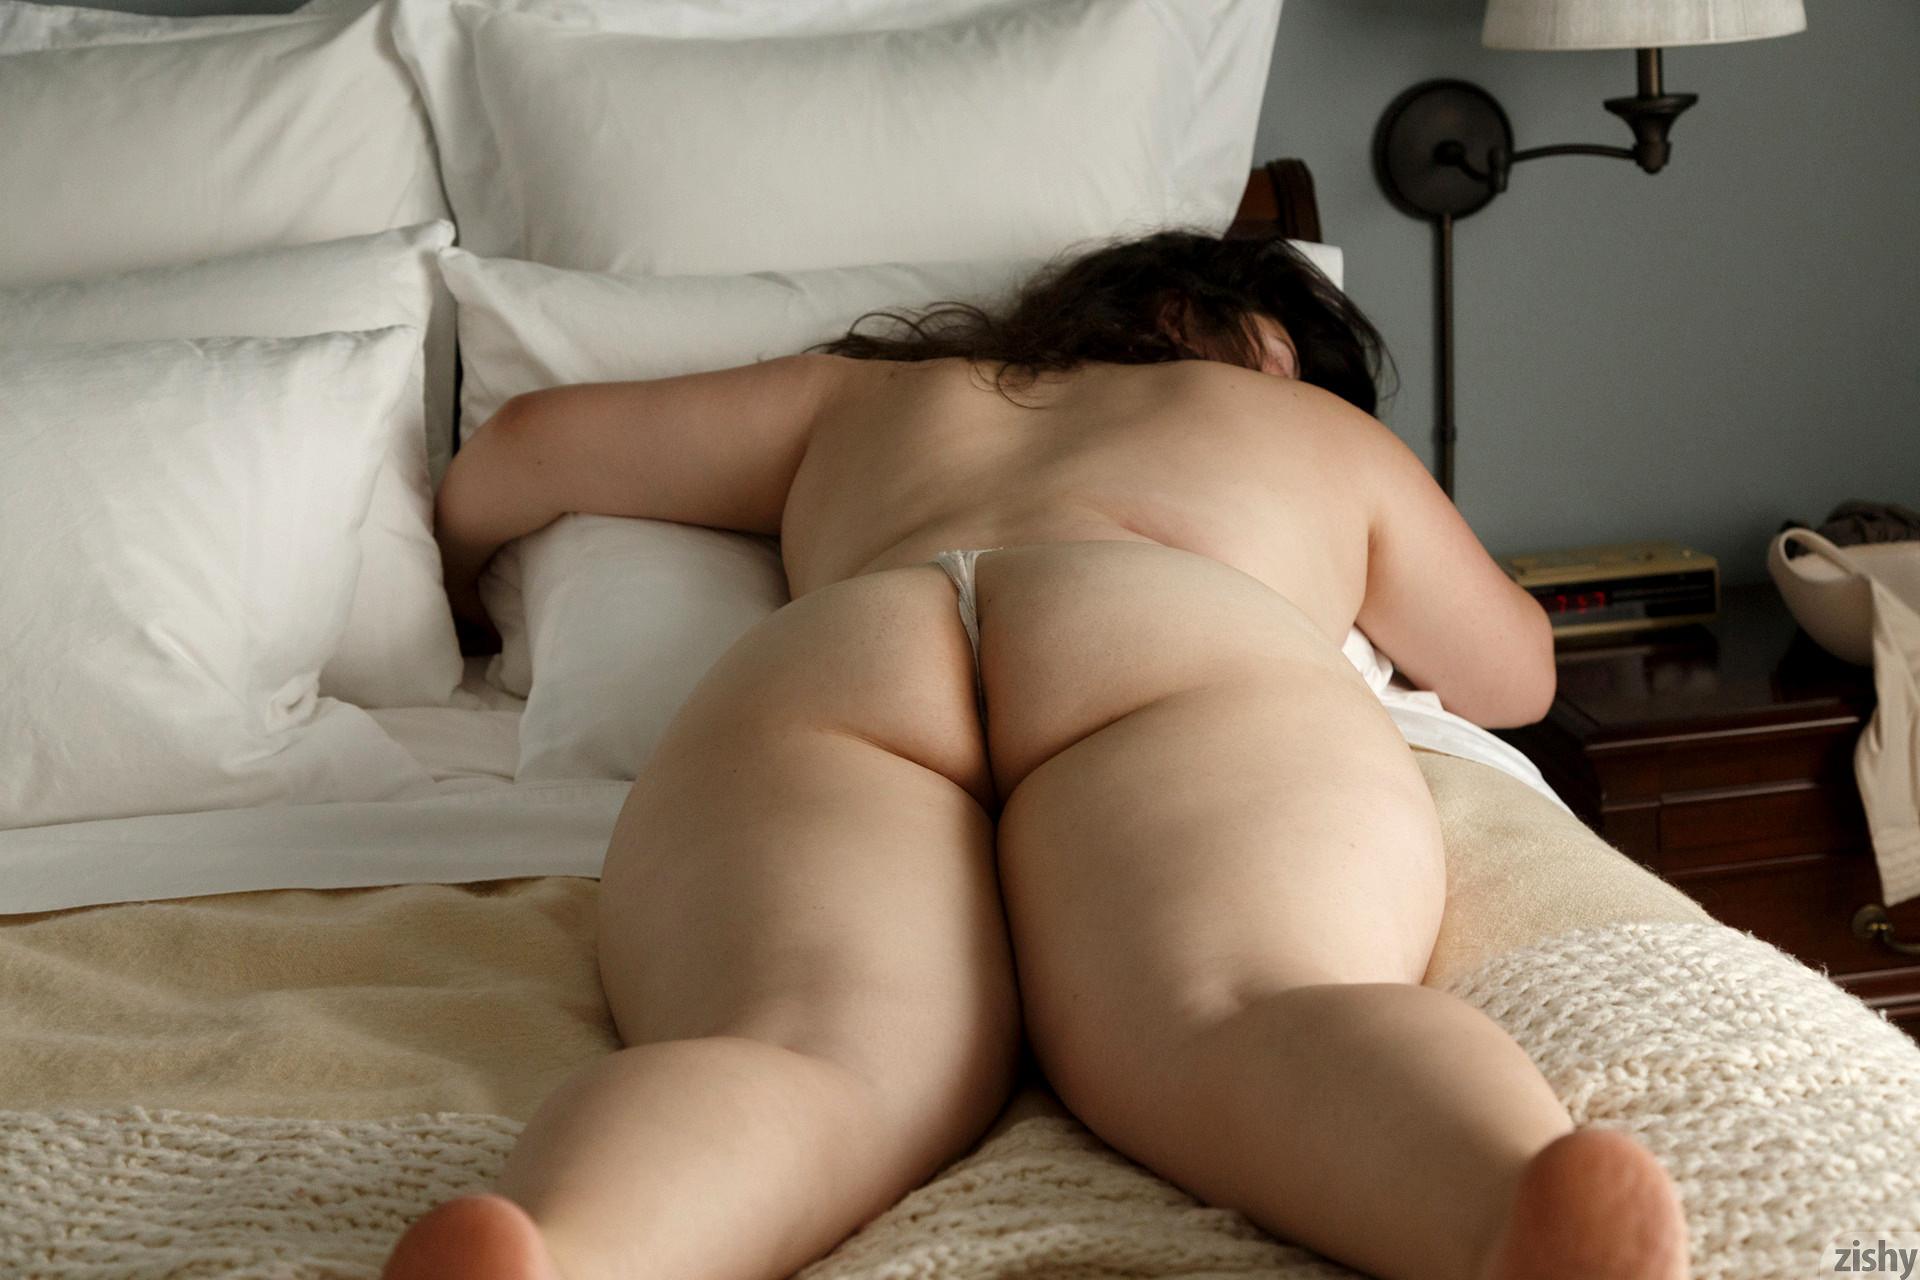 Hot Chubby Desi Girlfriends Full Nude Xxx Photos